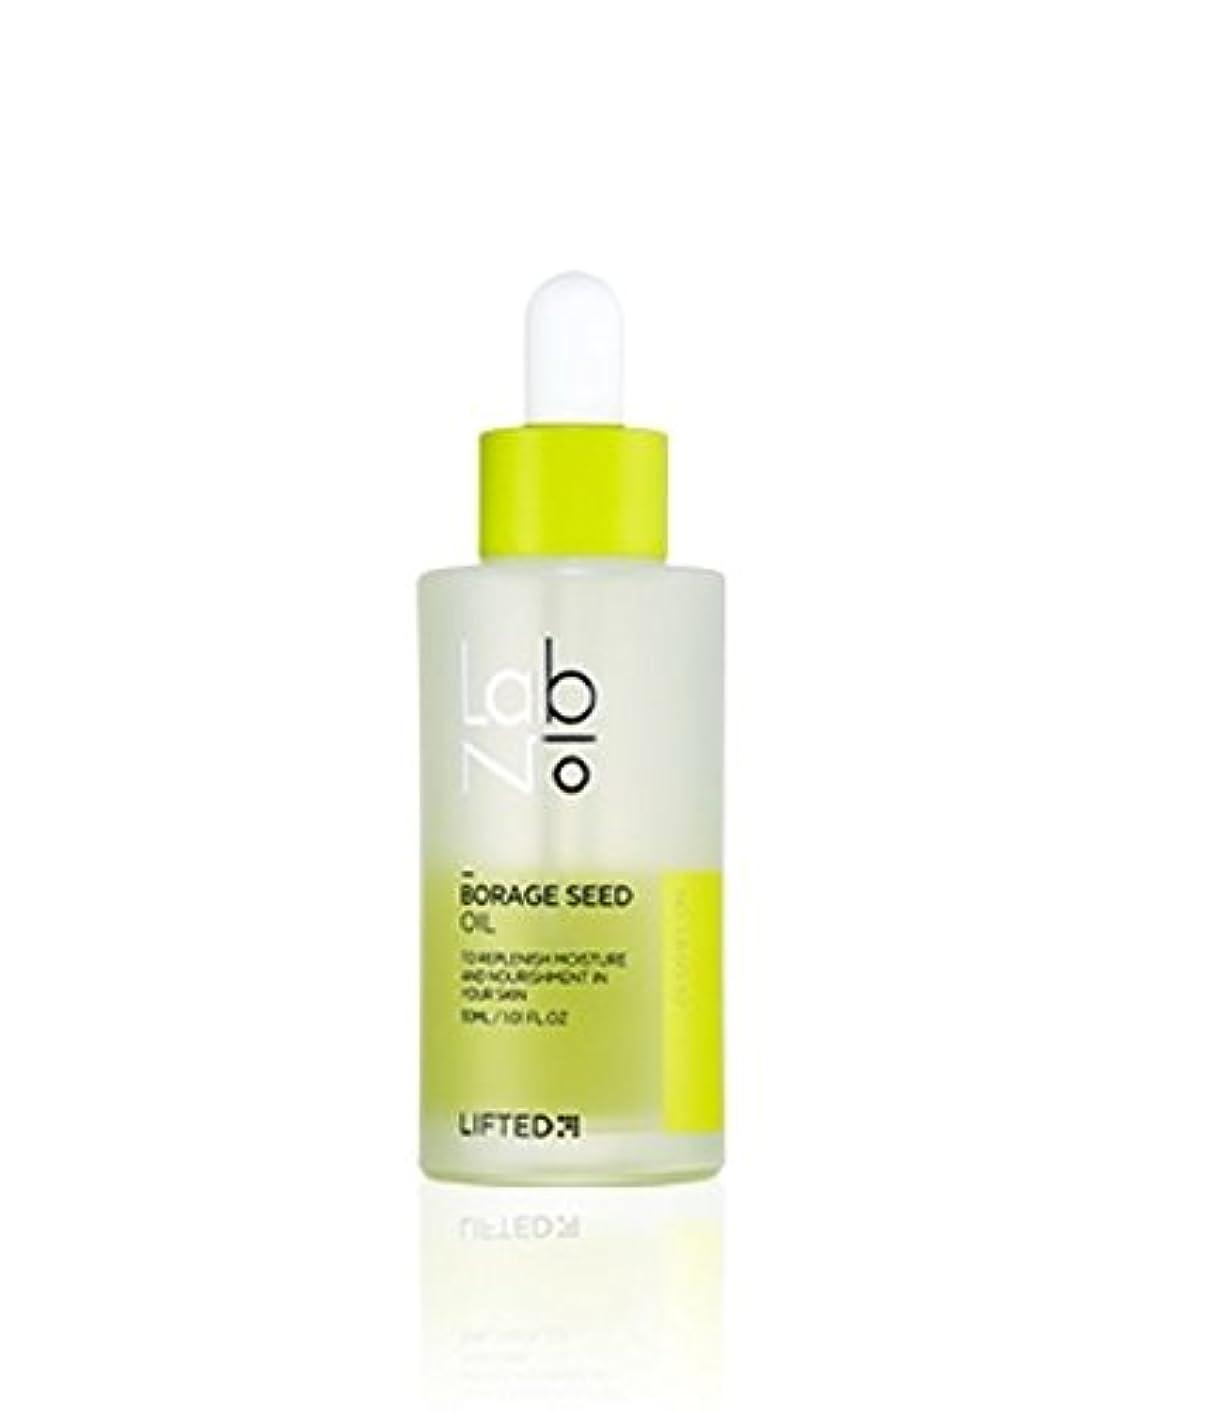 土器道徳かんがいLabNo リフティッド ボリジ シード オイル / Labno Lifted Borage Seed Oil (30ml) [並行輸入品]